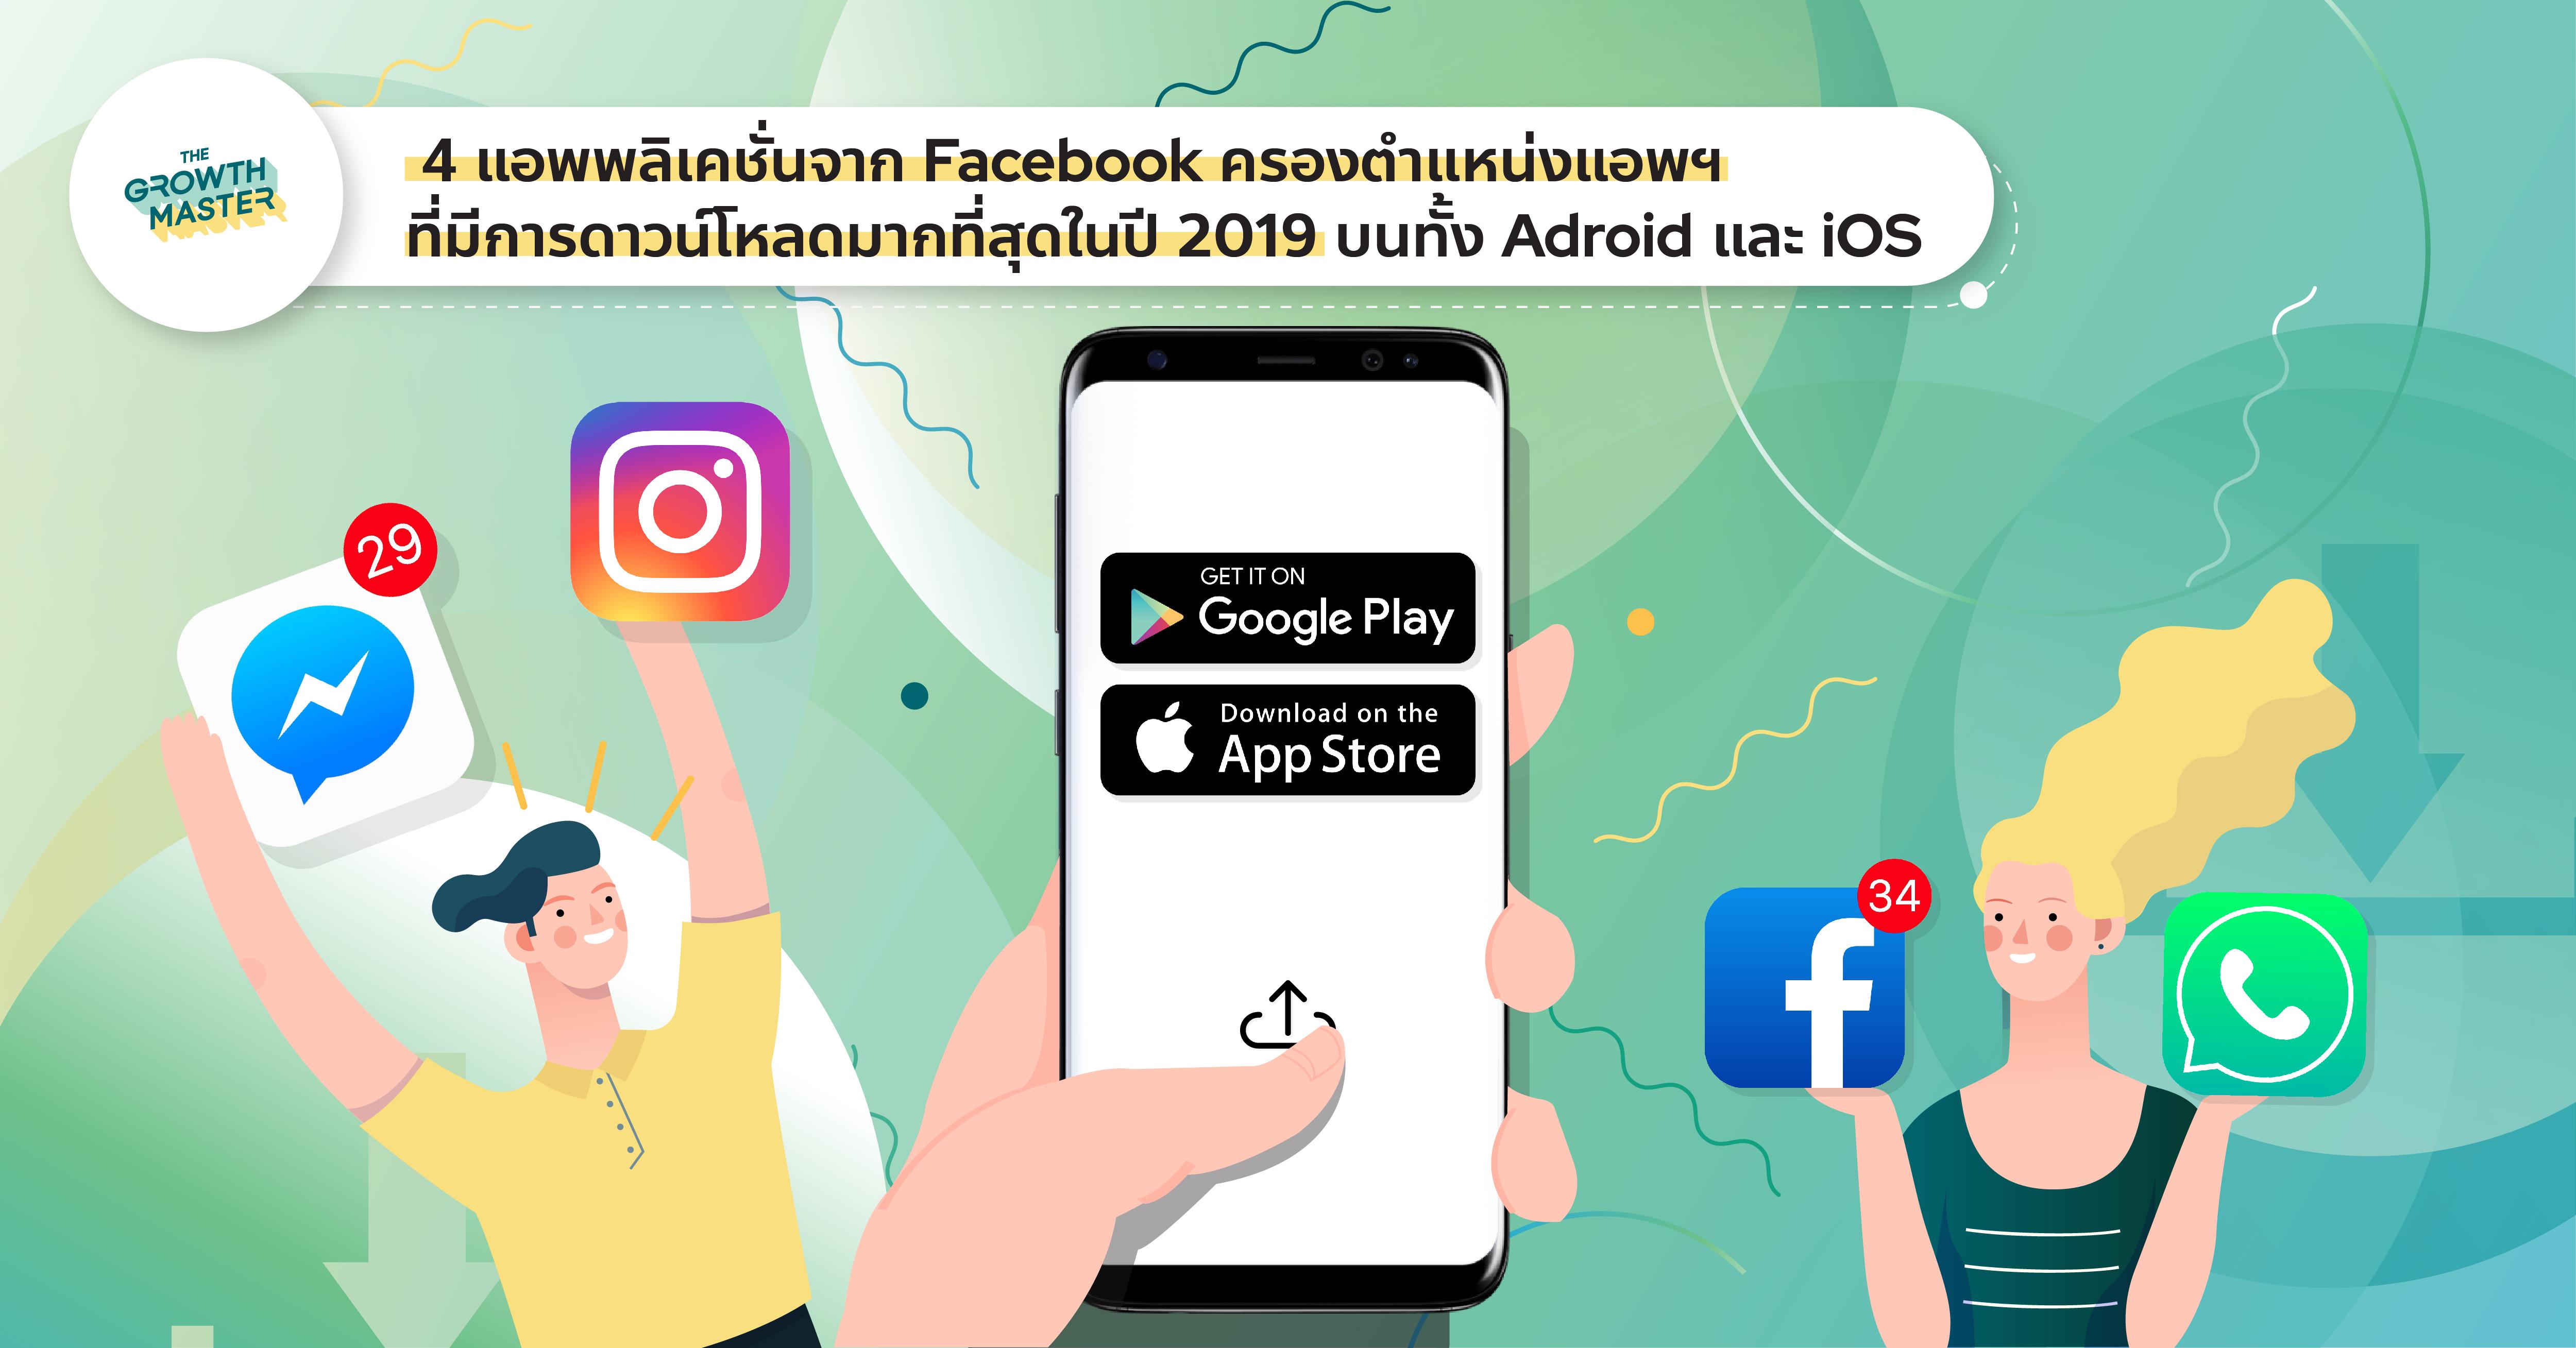 4 แอปพลิเคชันจาก Facebook โกยยอดดาวน์โหลดมากที่สุดในปี 2019